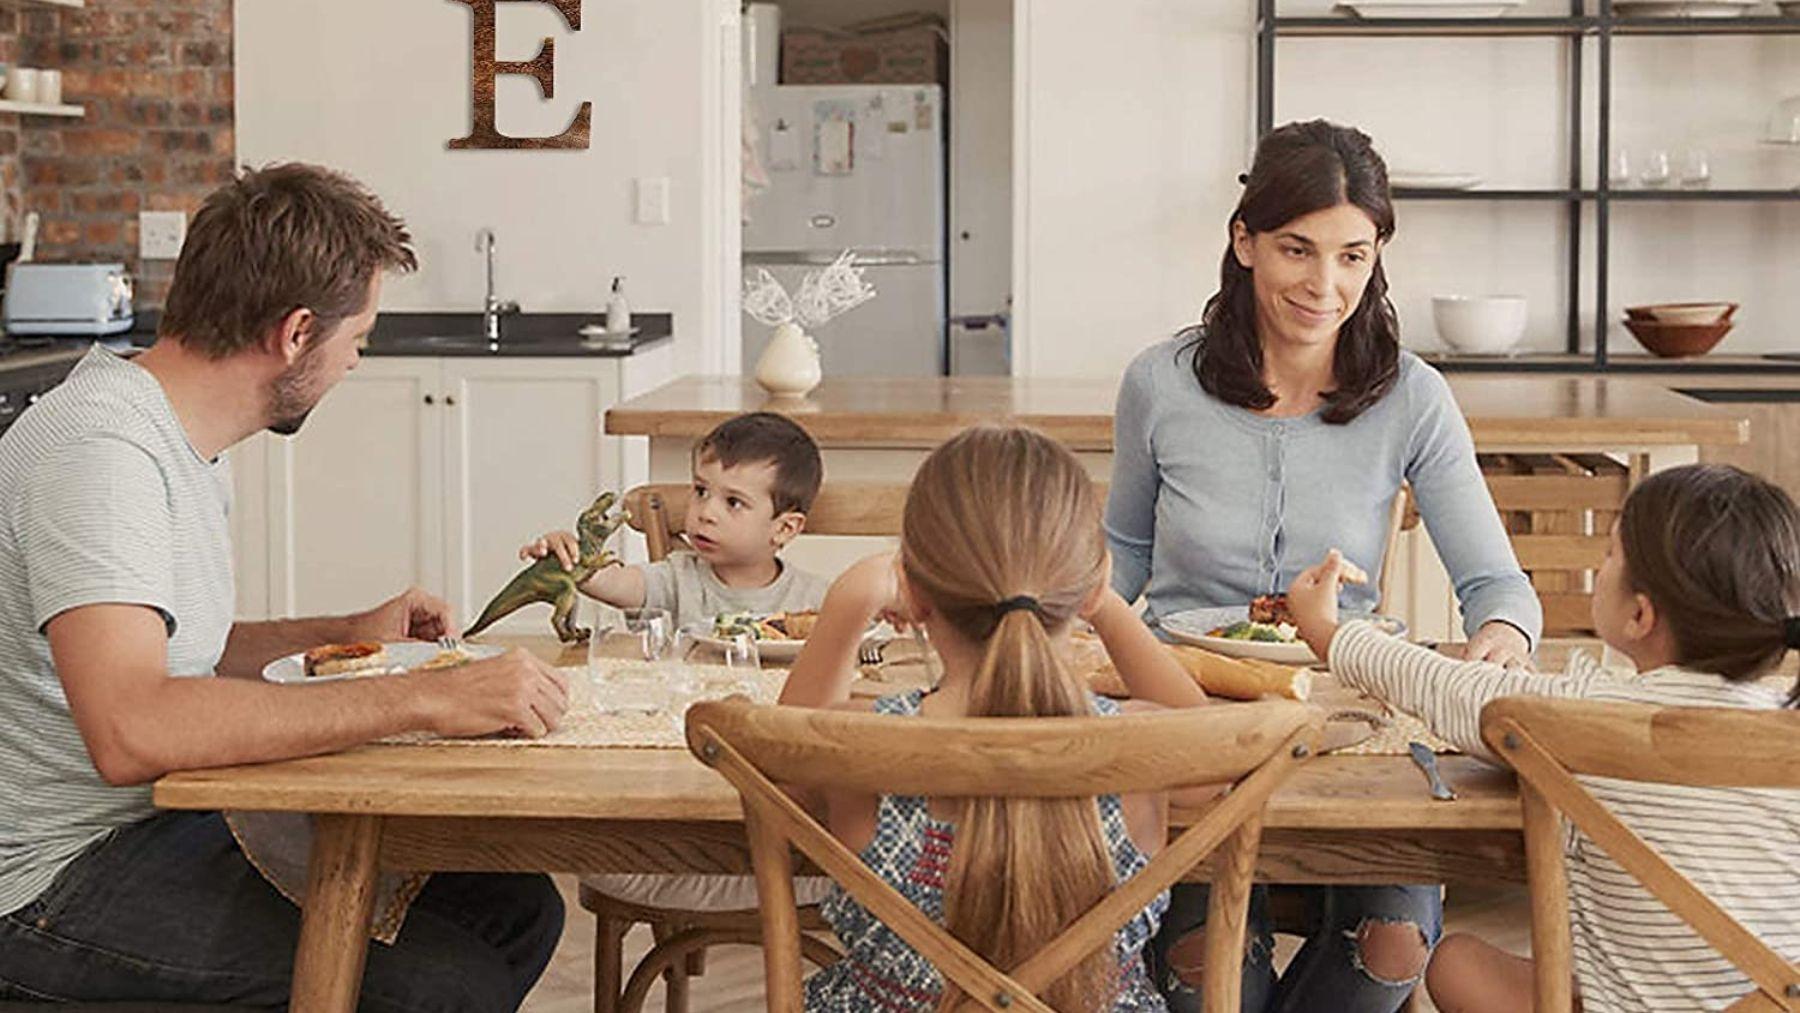 Descubre cómo las comidas familiares benefician a los niños